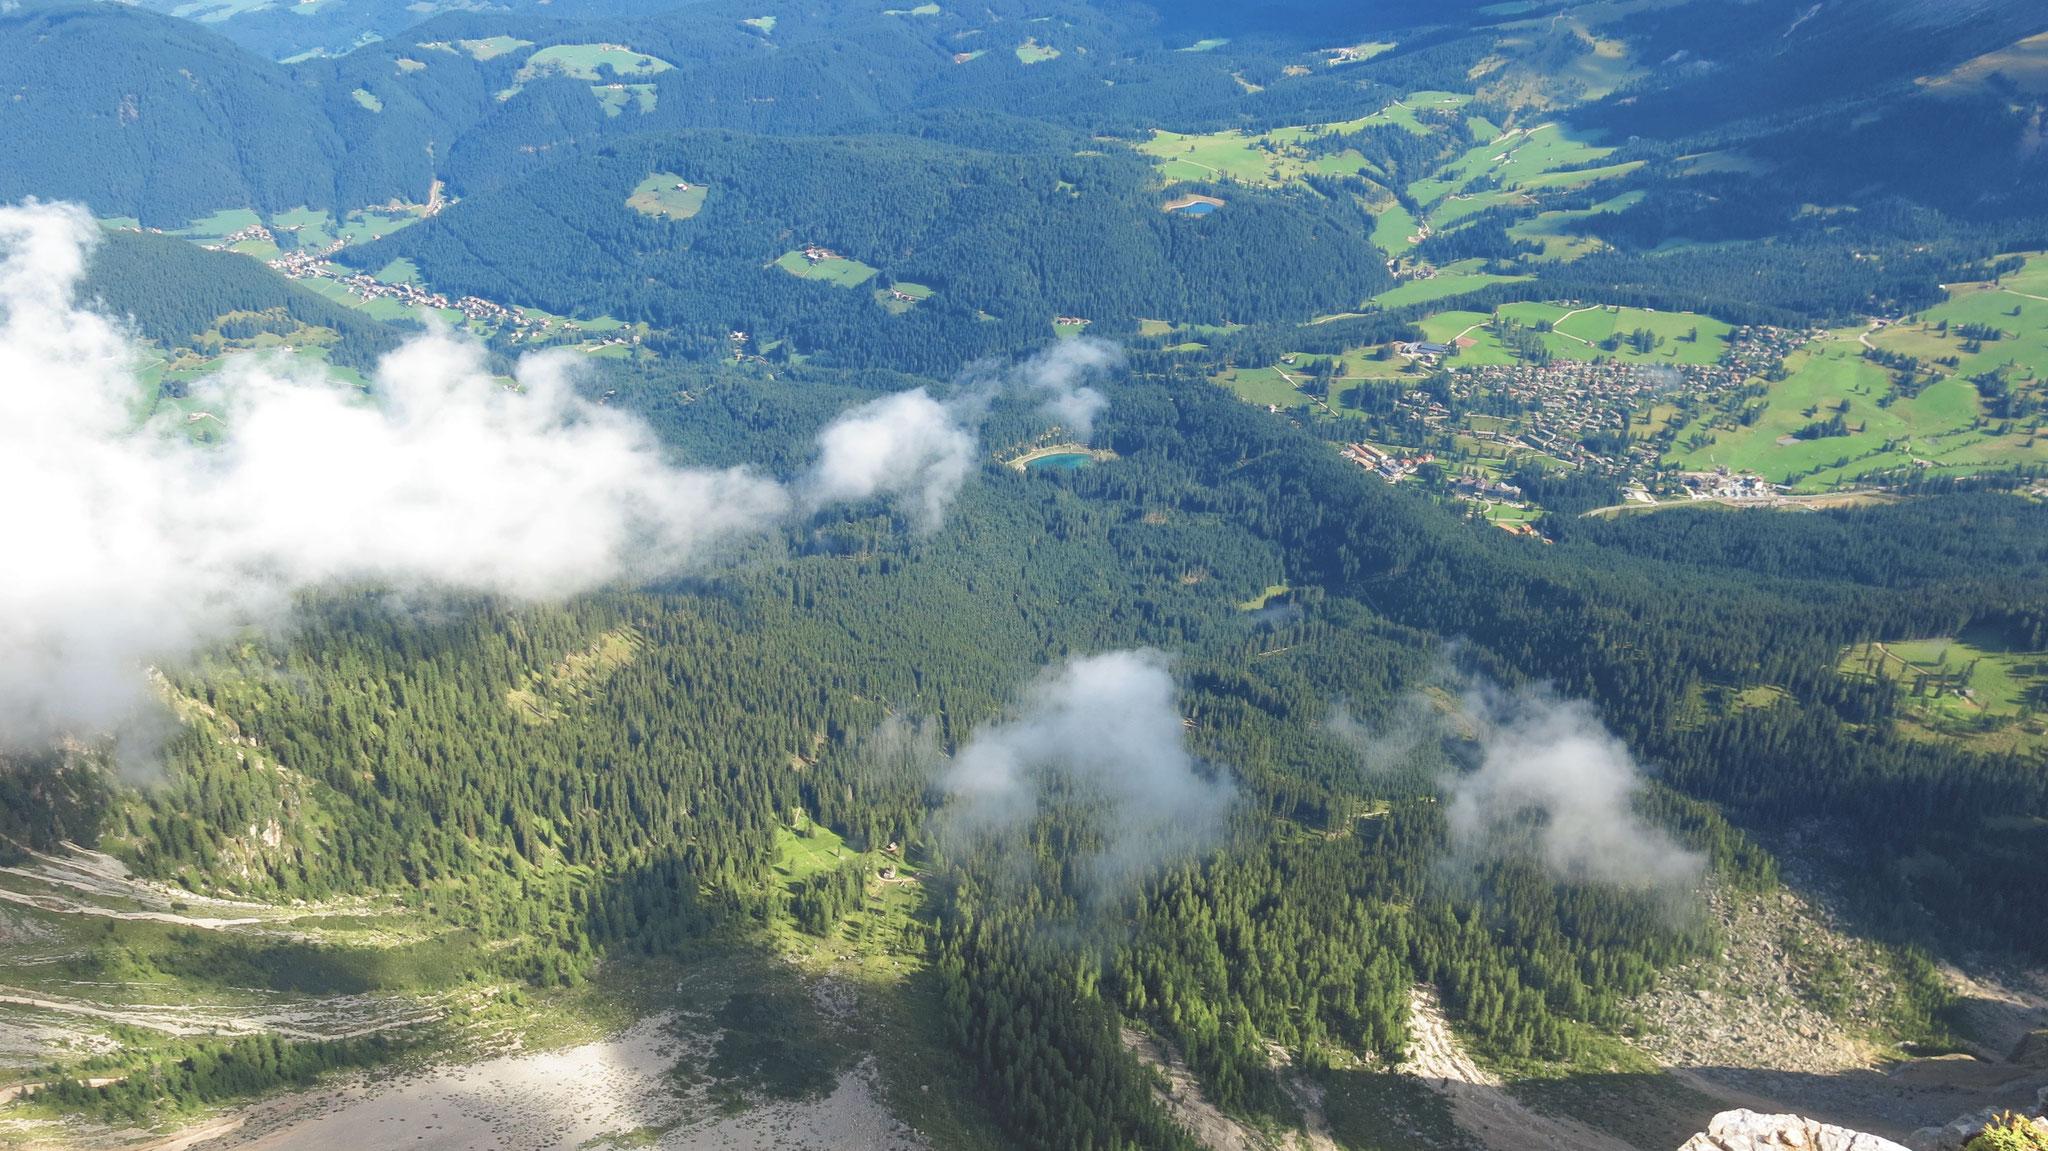 Tiefblick über die Steilwände, der Sturm 2018 hat hier mittlerweile riesige Flächen verwüst